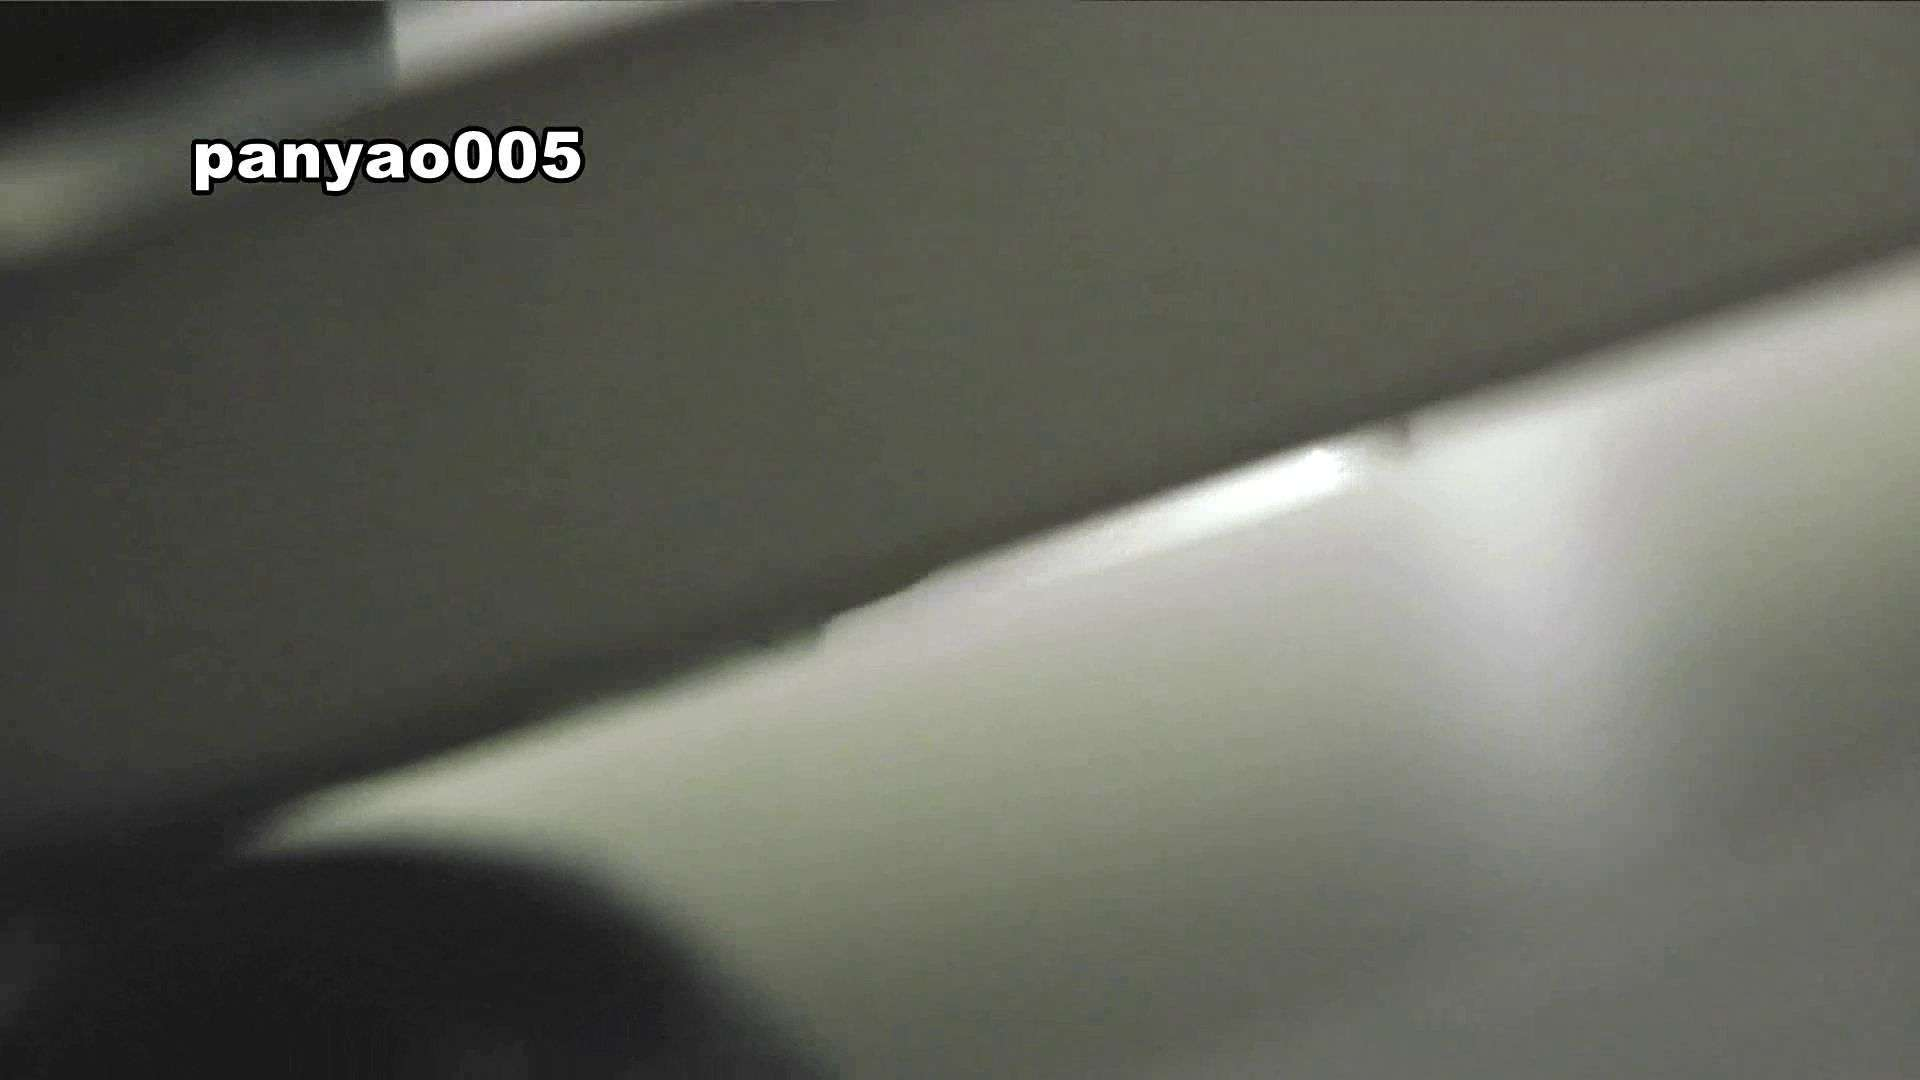 日本成人用品展览会。vol.05 そんな格好で… 潜入突撃 | 着替え  96pic 10